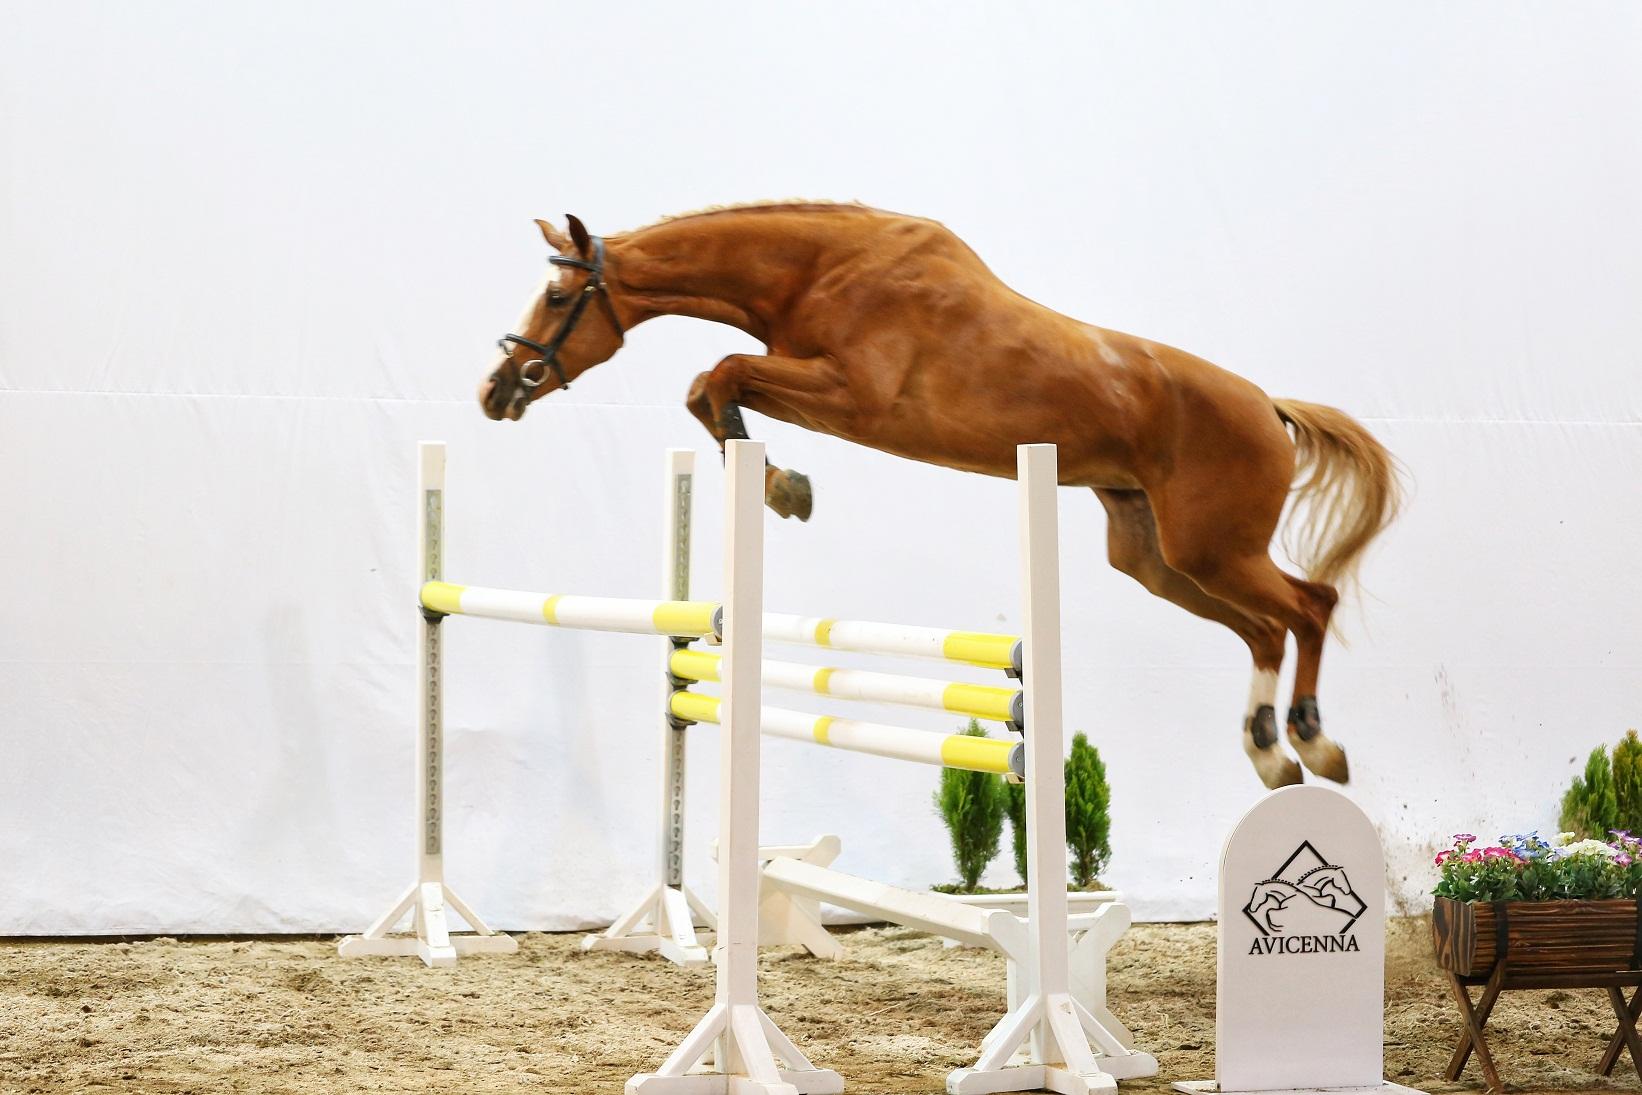 نمونه تولیدات مرکز تولید و پرورش اسب اویسینا